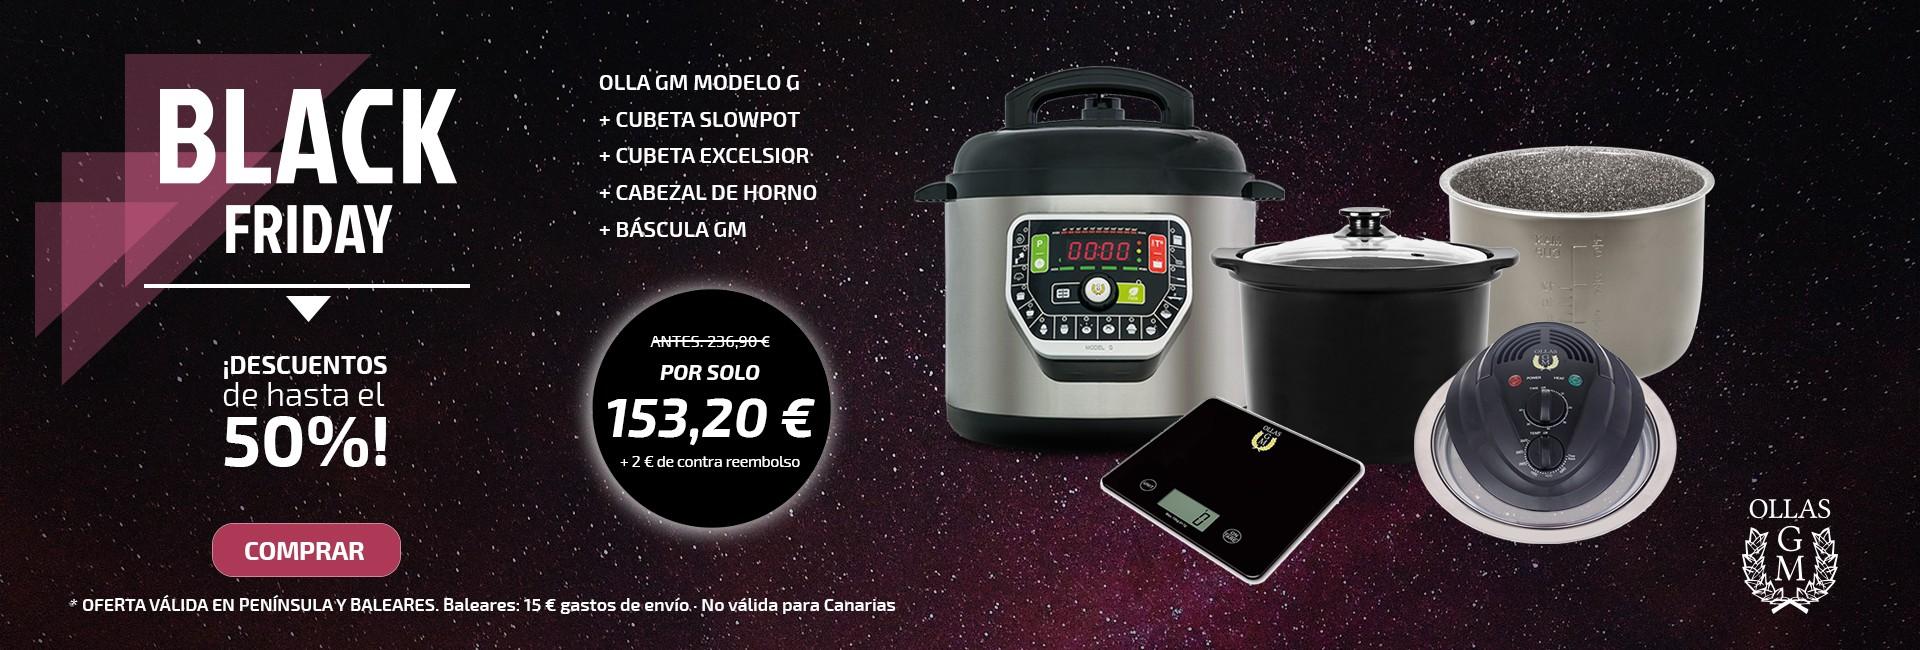 Black Friday promoción modelo G + Slowpot + Excelsior + Cabezal + Báscula